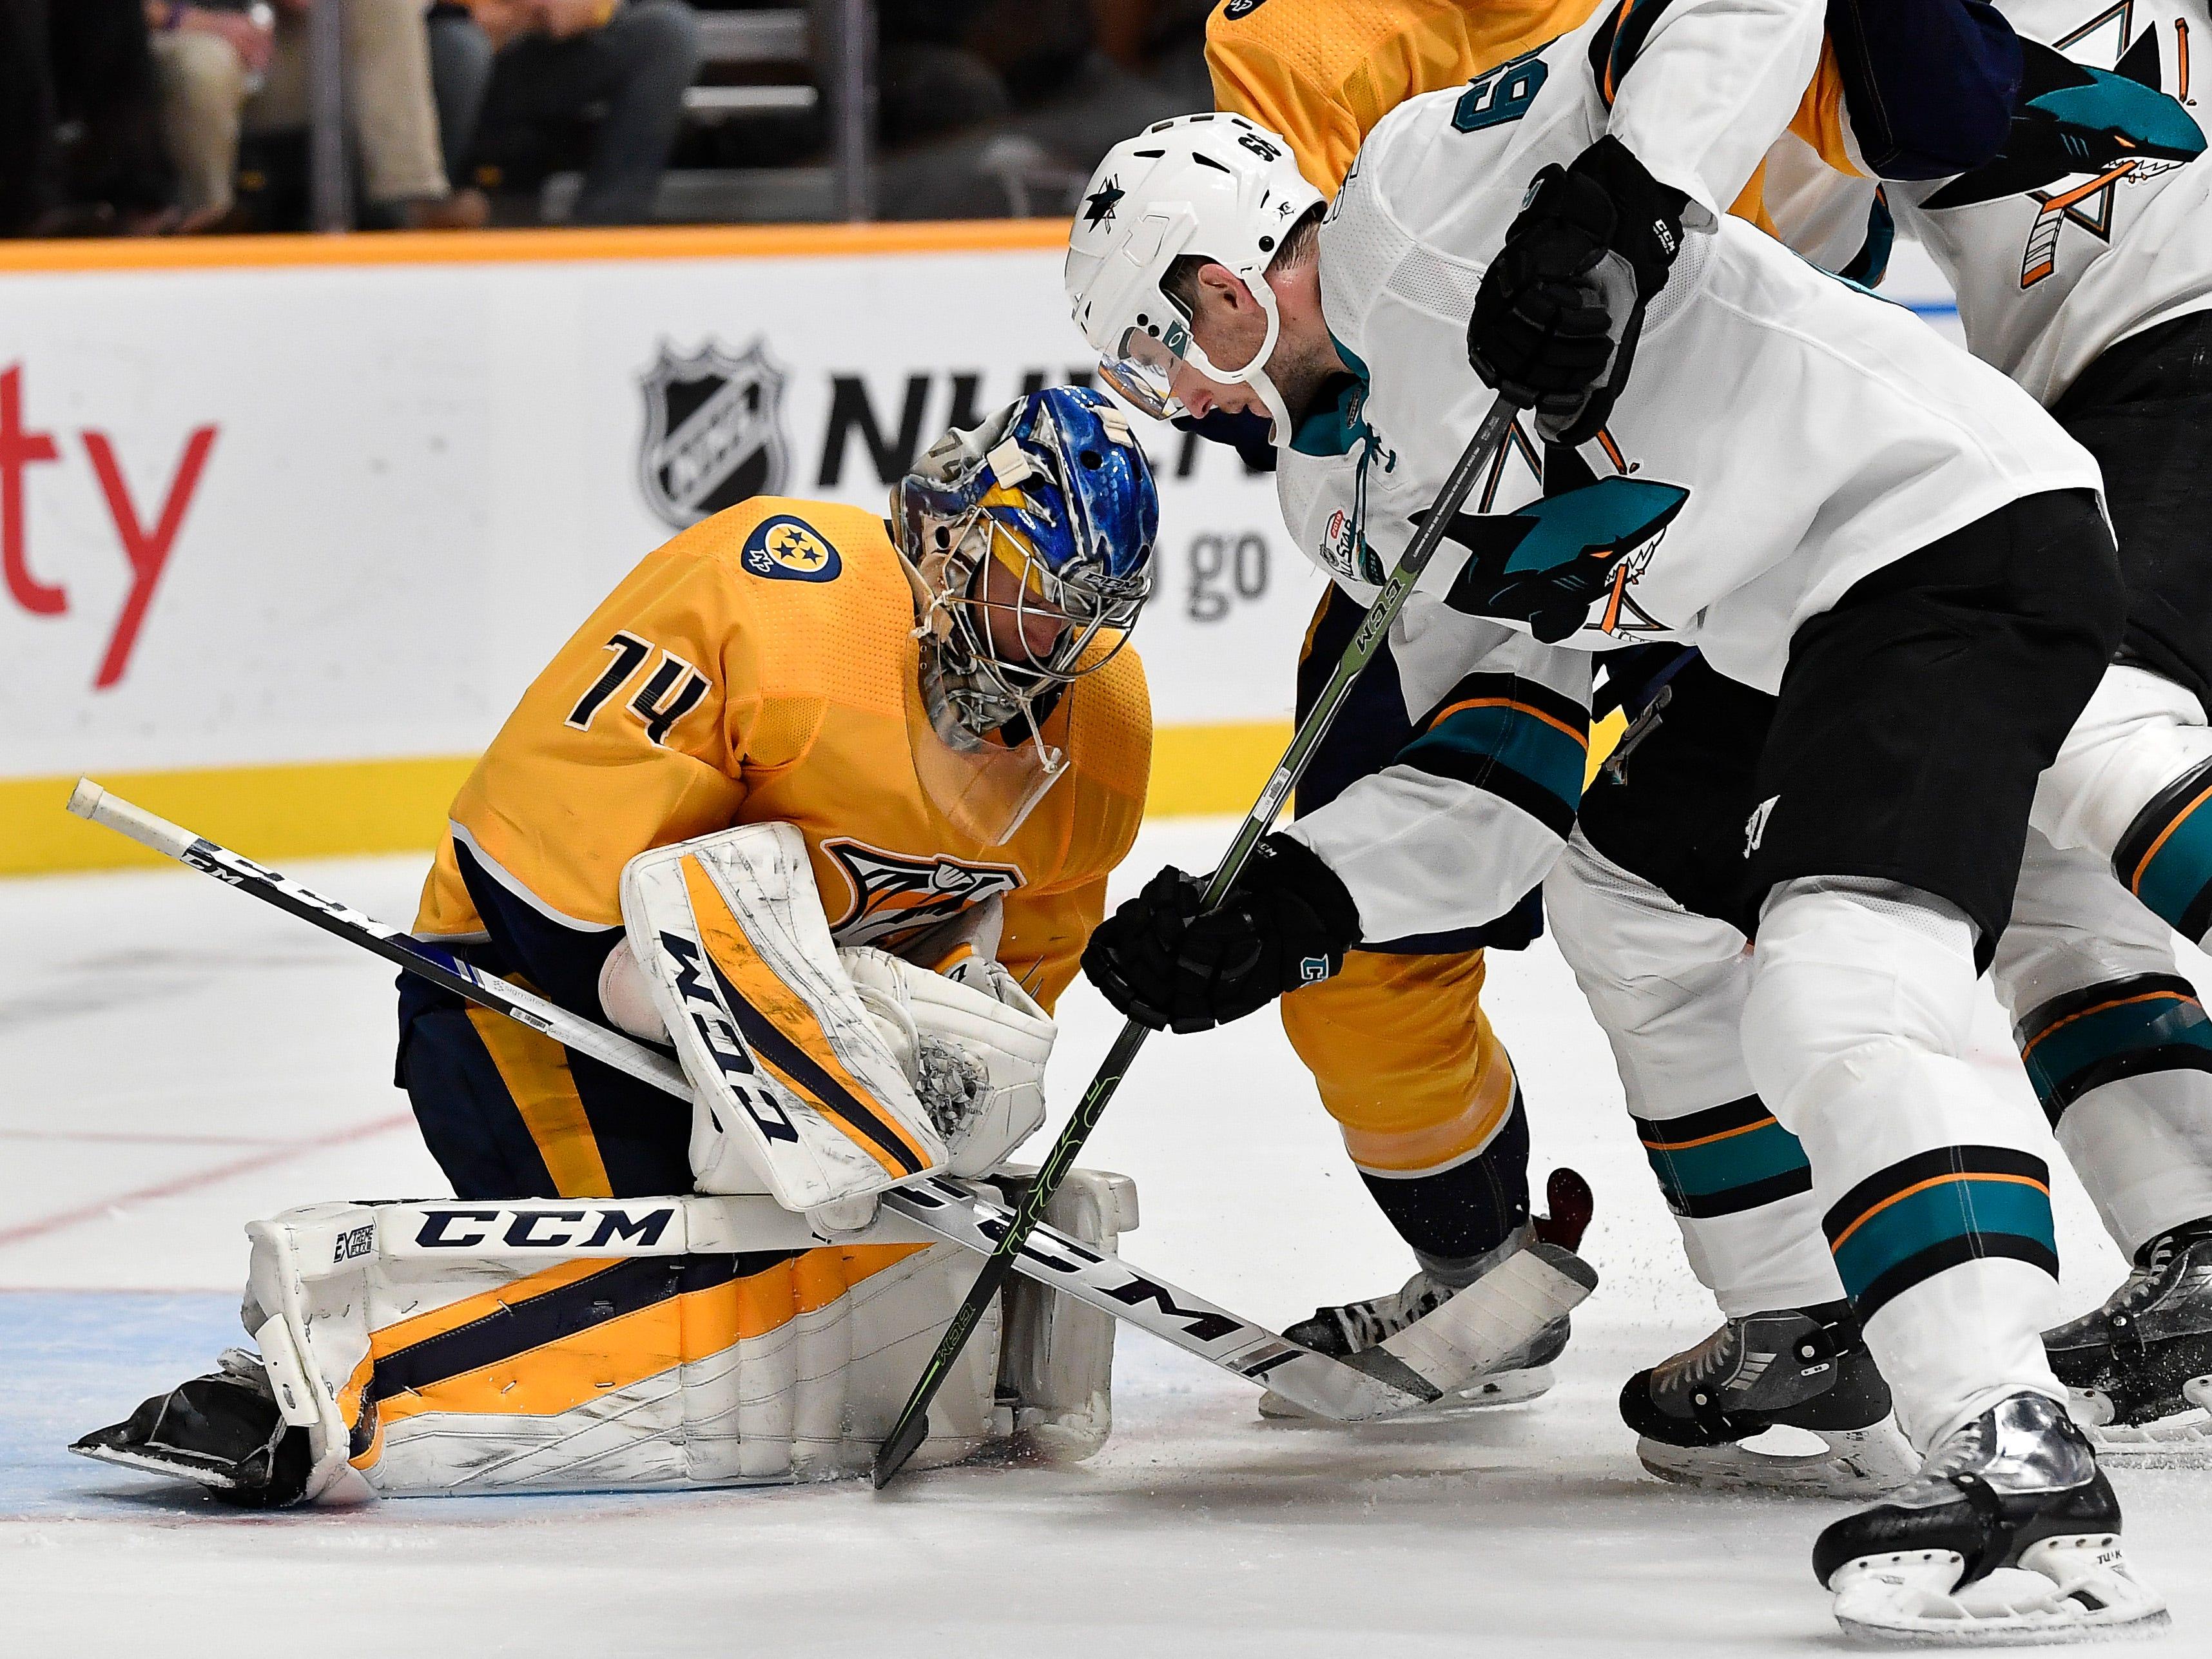 Predators goaltender Juuse Saros (74) blocks a shot by Sharks center Melker Karlsson (68) during the second period at Bridgestone Arena Tuesday, Oct. 23, 2018, in Nashville, Tenn.